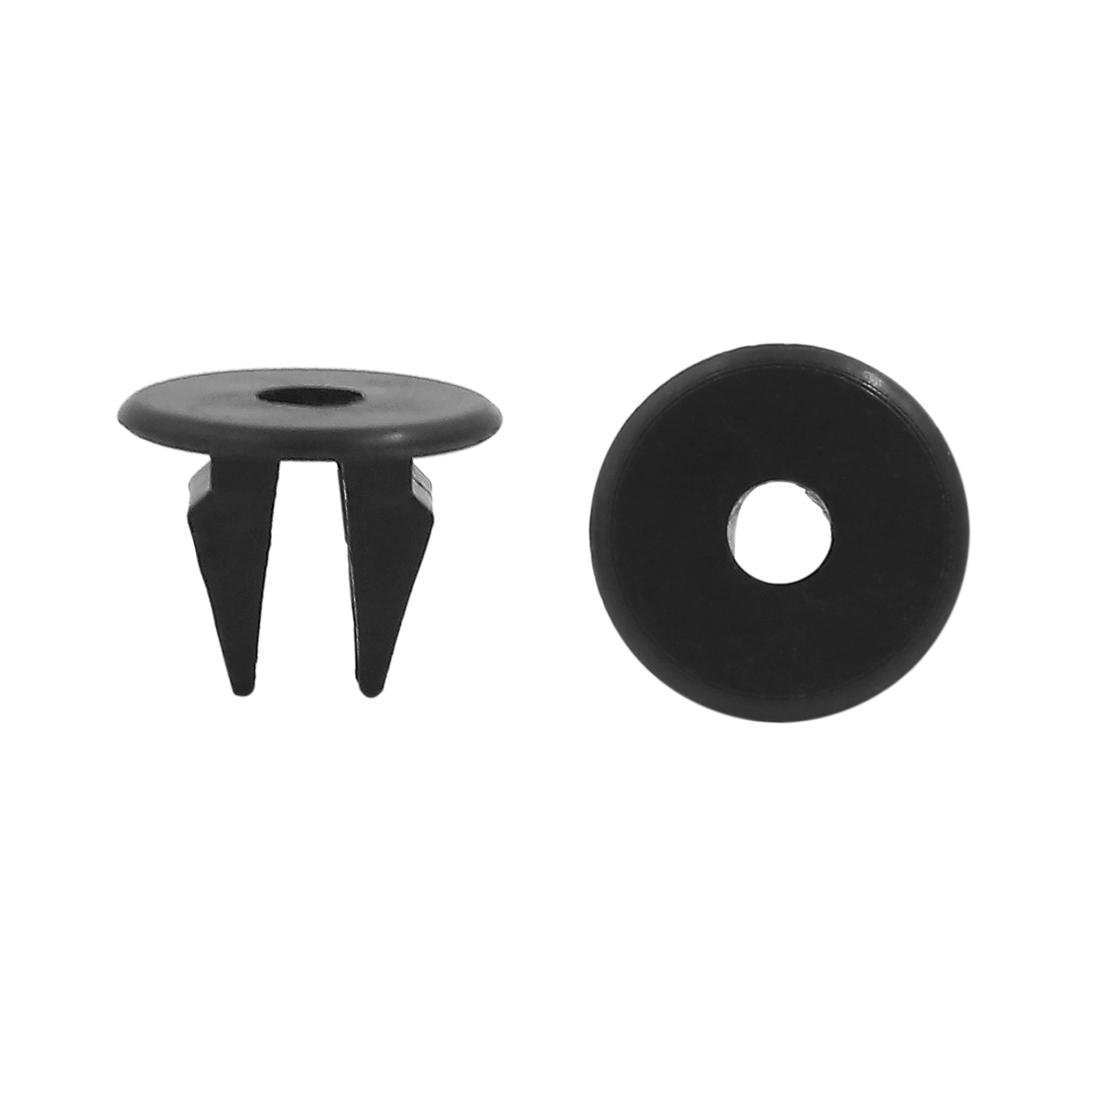 100 Pcs Black Plastic Push Type Fasteners Clip Car Auto Rivet 10 x 8mm Hole Dia